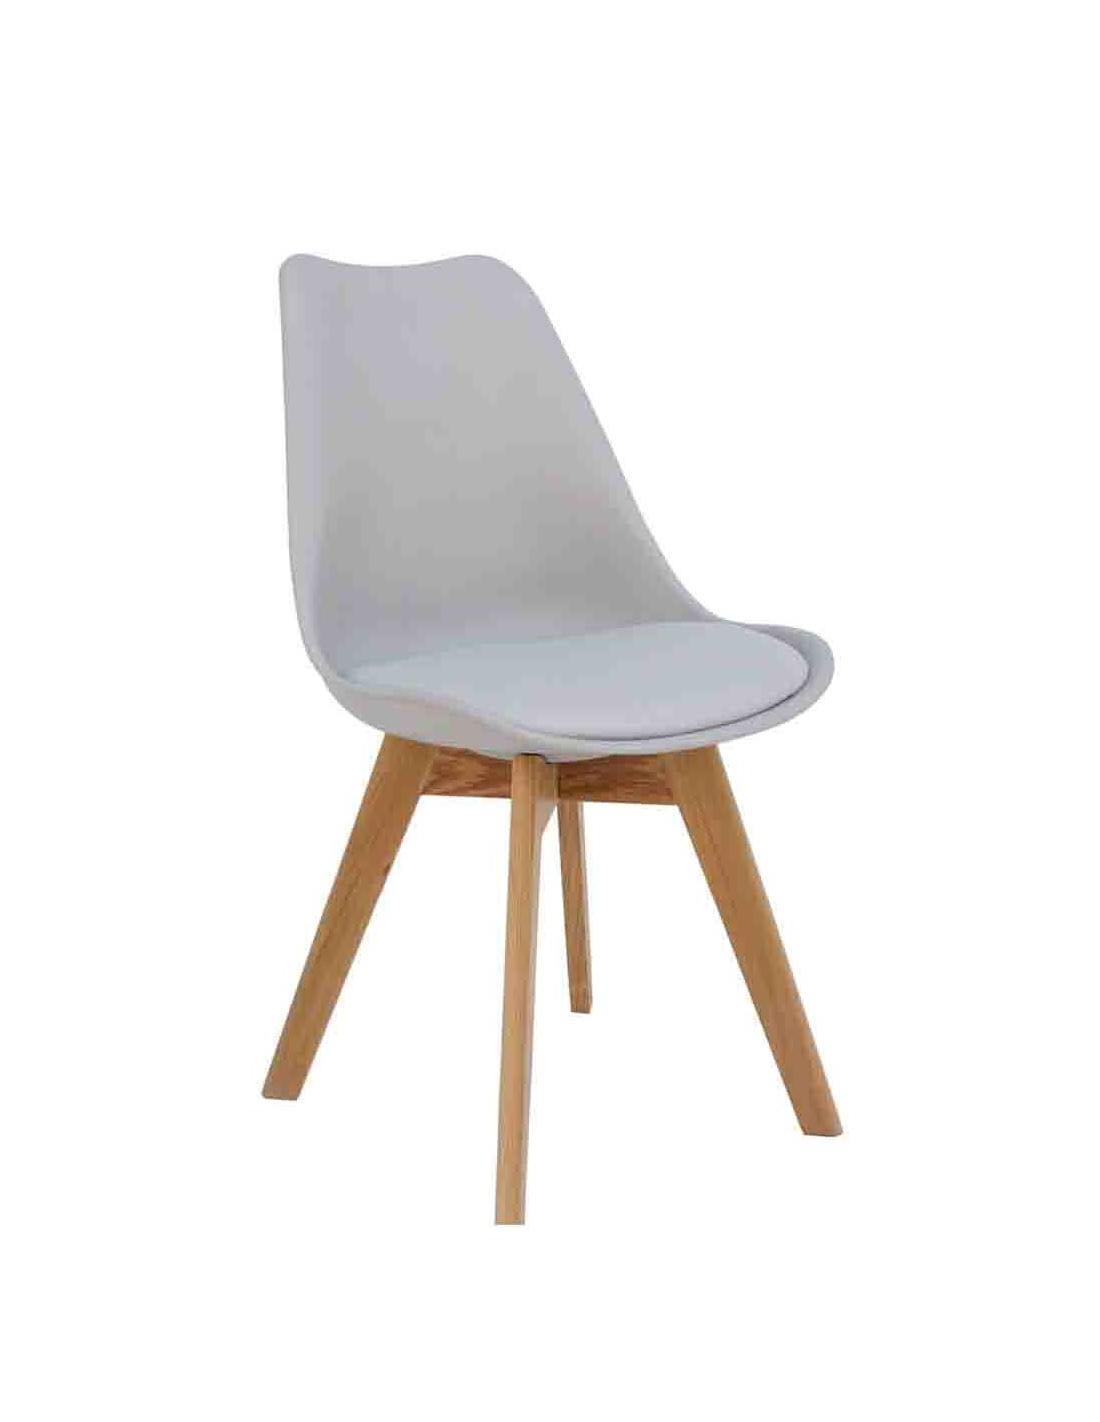 comprar silla 810 dise o moderno de madera y poliester